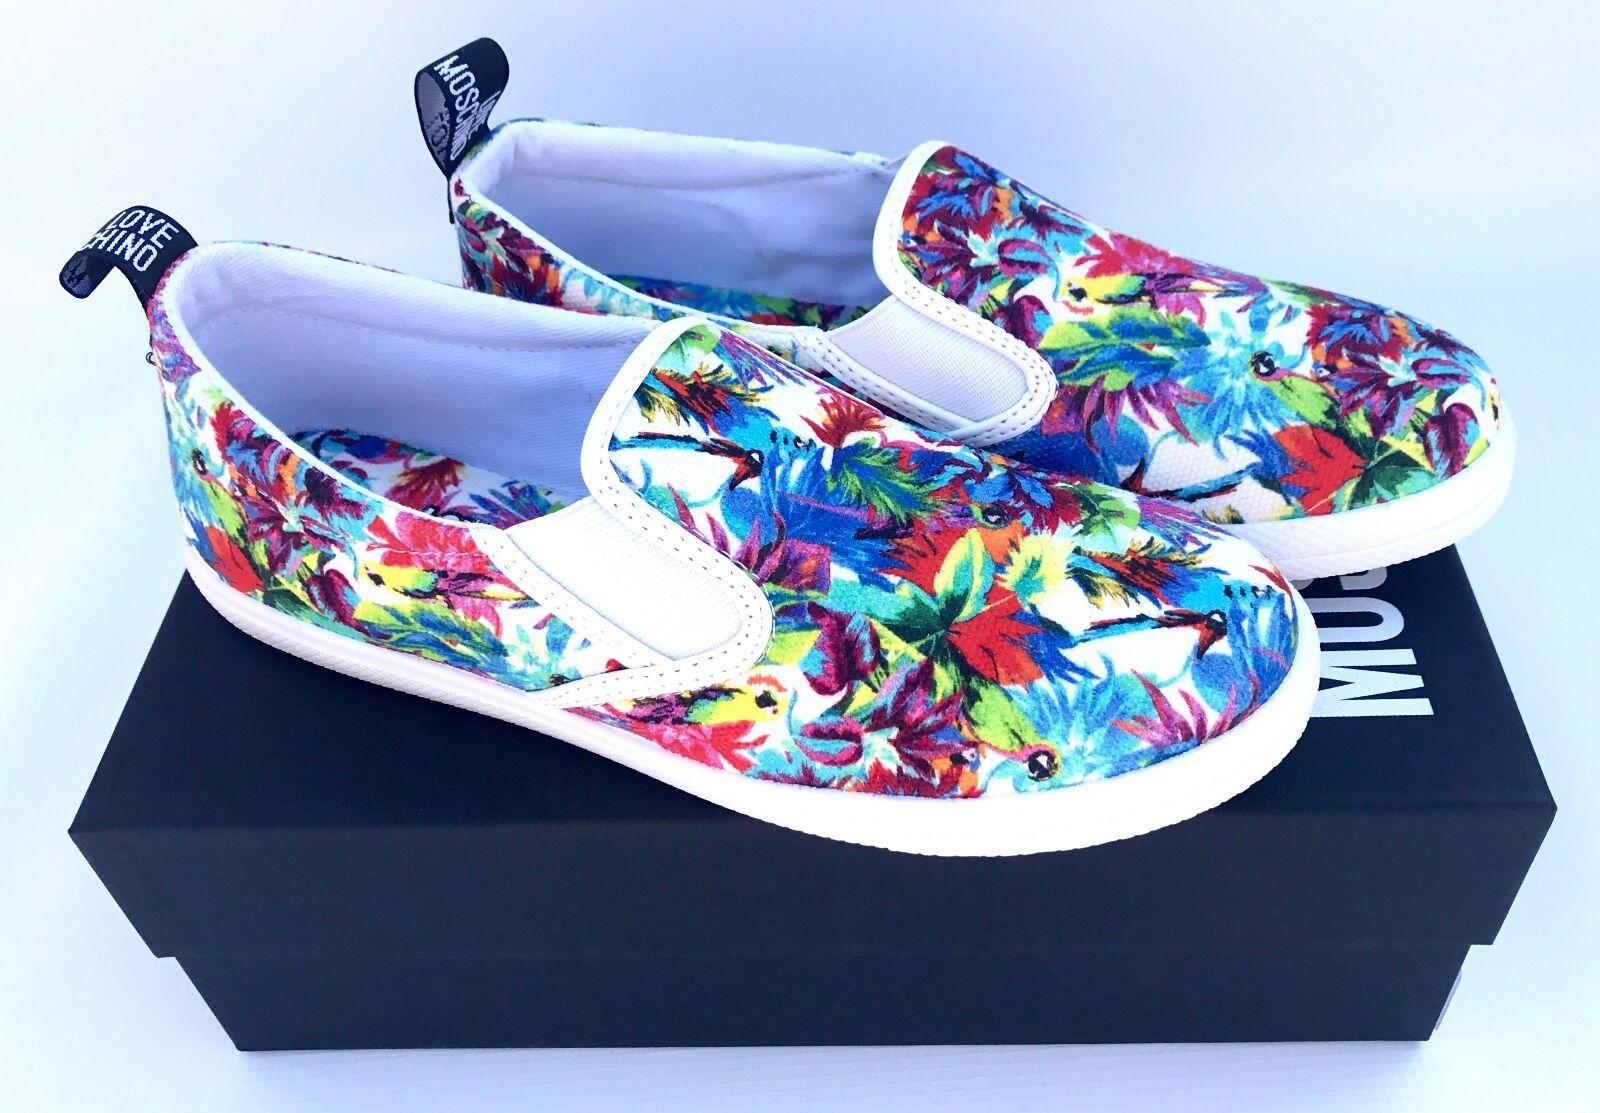 AMORE MOSHINO  MultiColoreeeato slittamento Floreale su scarpe da ginnastica - dimensione Regno Unito - Nuovo  100% autentico